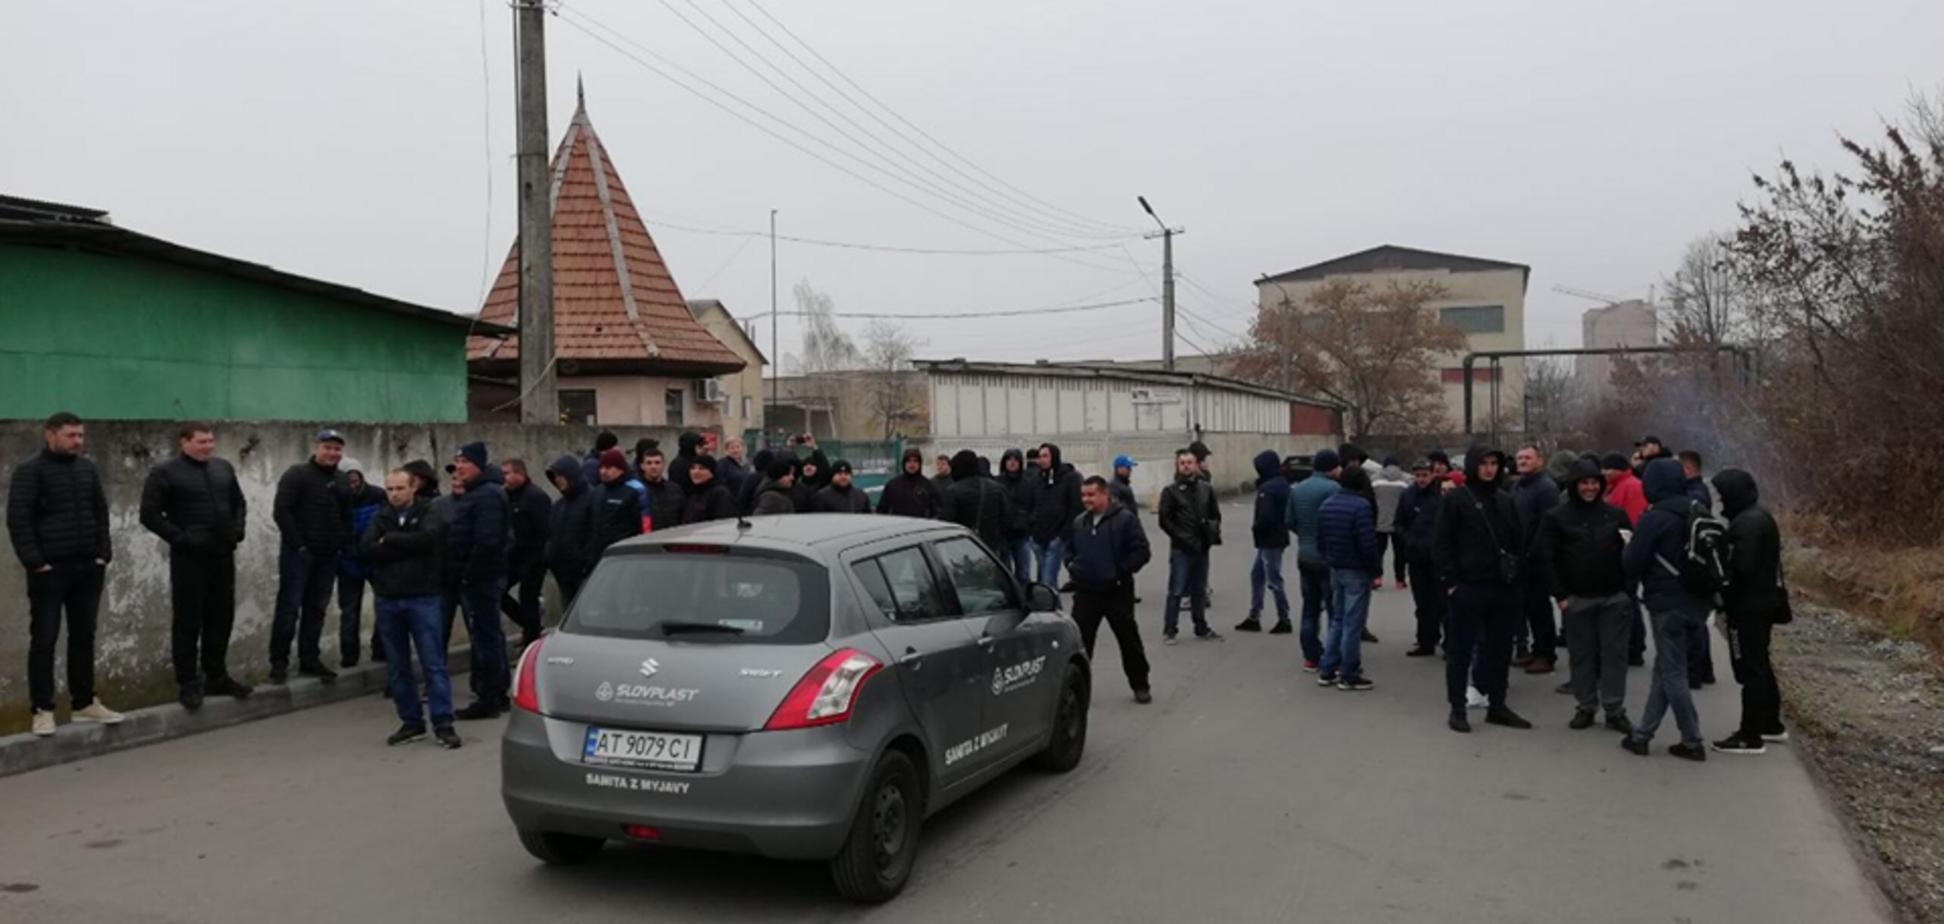 Запалили шини: власники авто на єврономерах пішли на радикальні заходи в Івано-Франківську